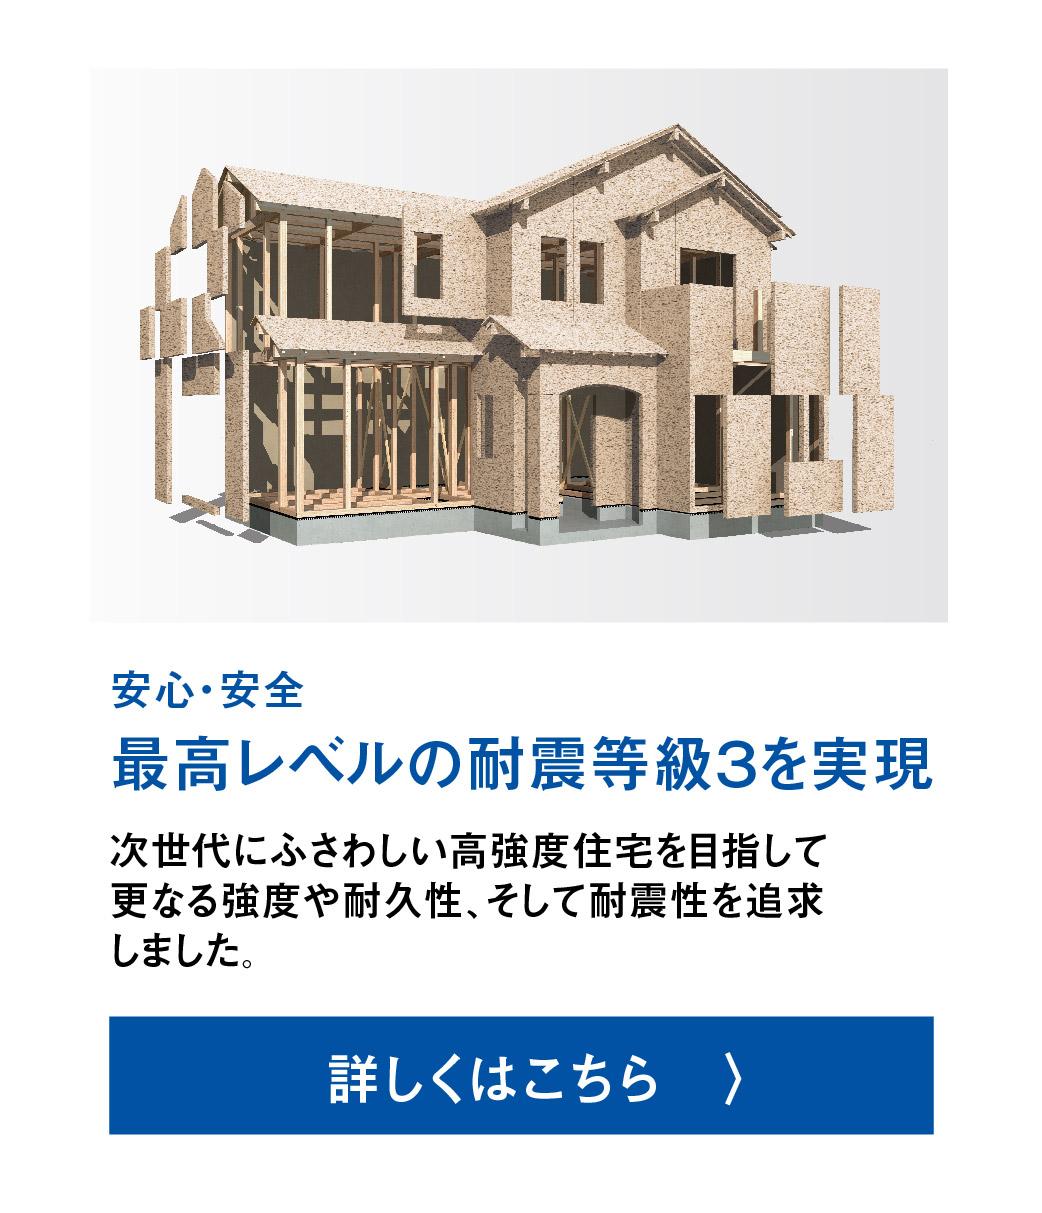 【耐震制震】